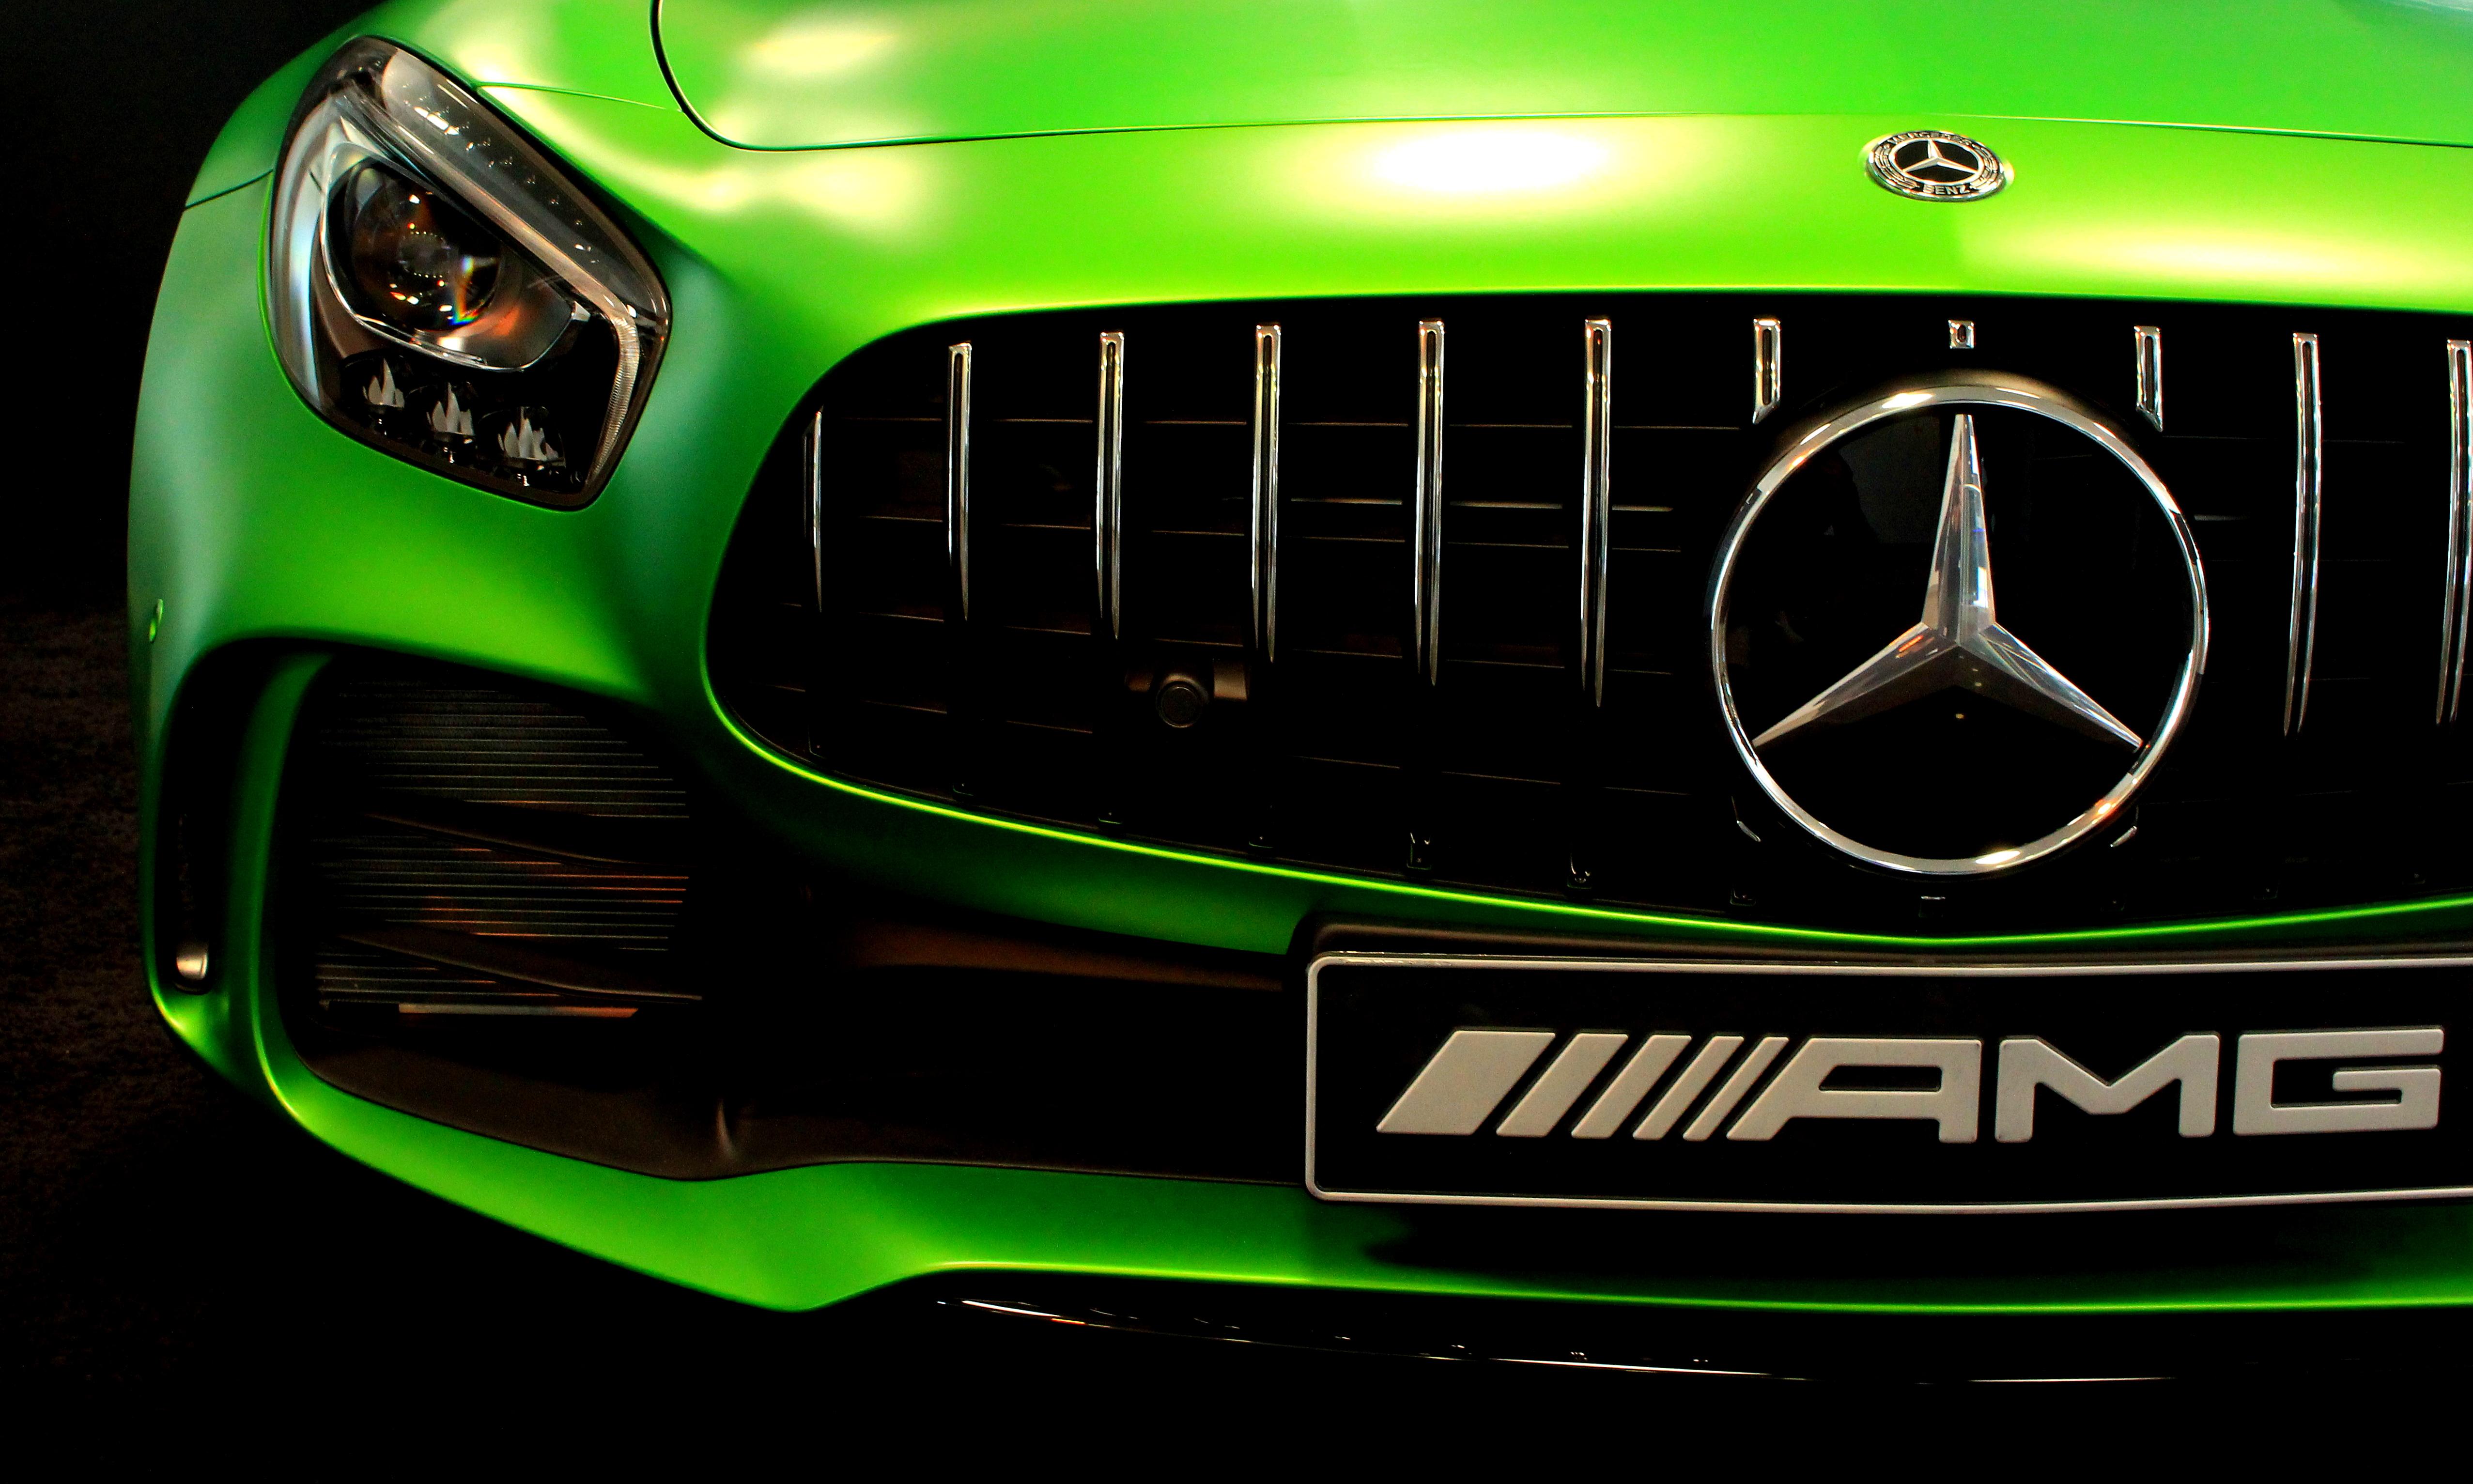 Green Mercedes-benz Amg